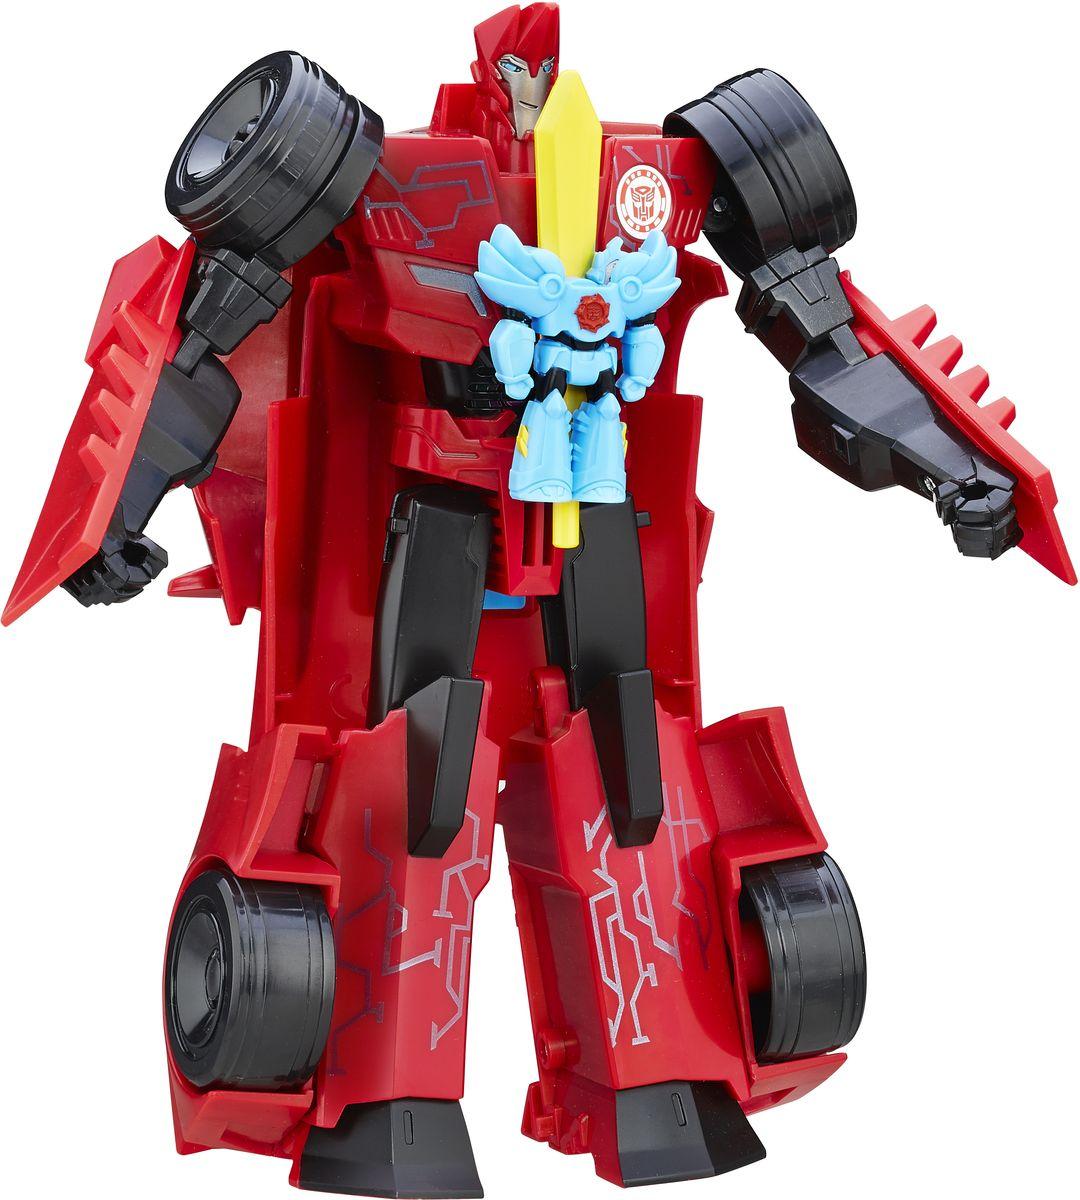 Transformers Трансформер Заряженые ГероиB7067EU4Как в мультфильме: Любимые герои Трансофрмеров, которые активируются при помощи Миниконов!